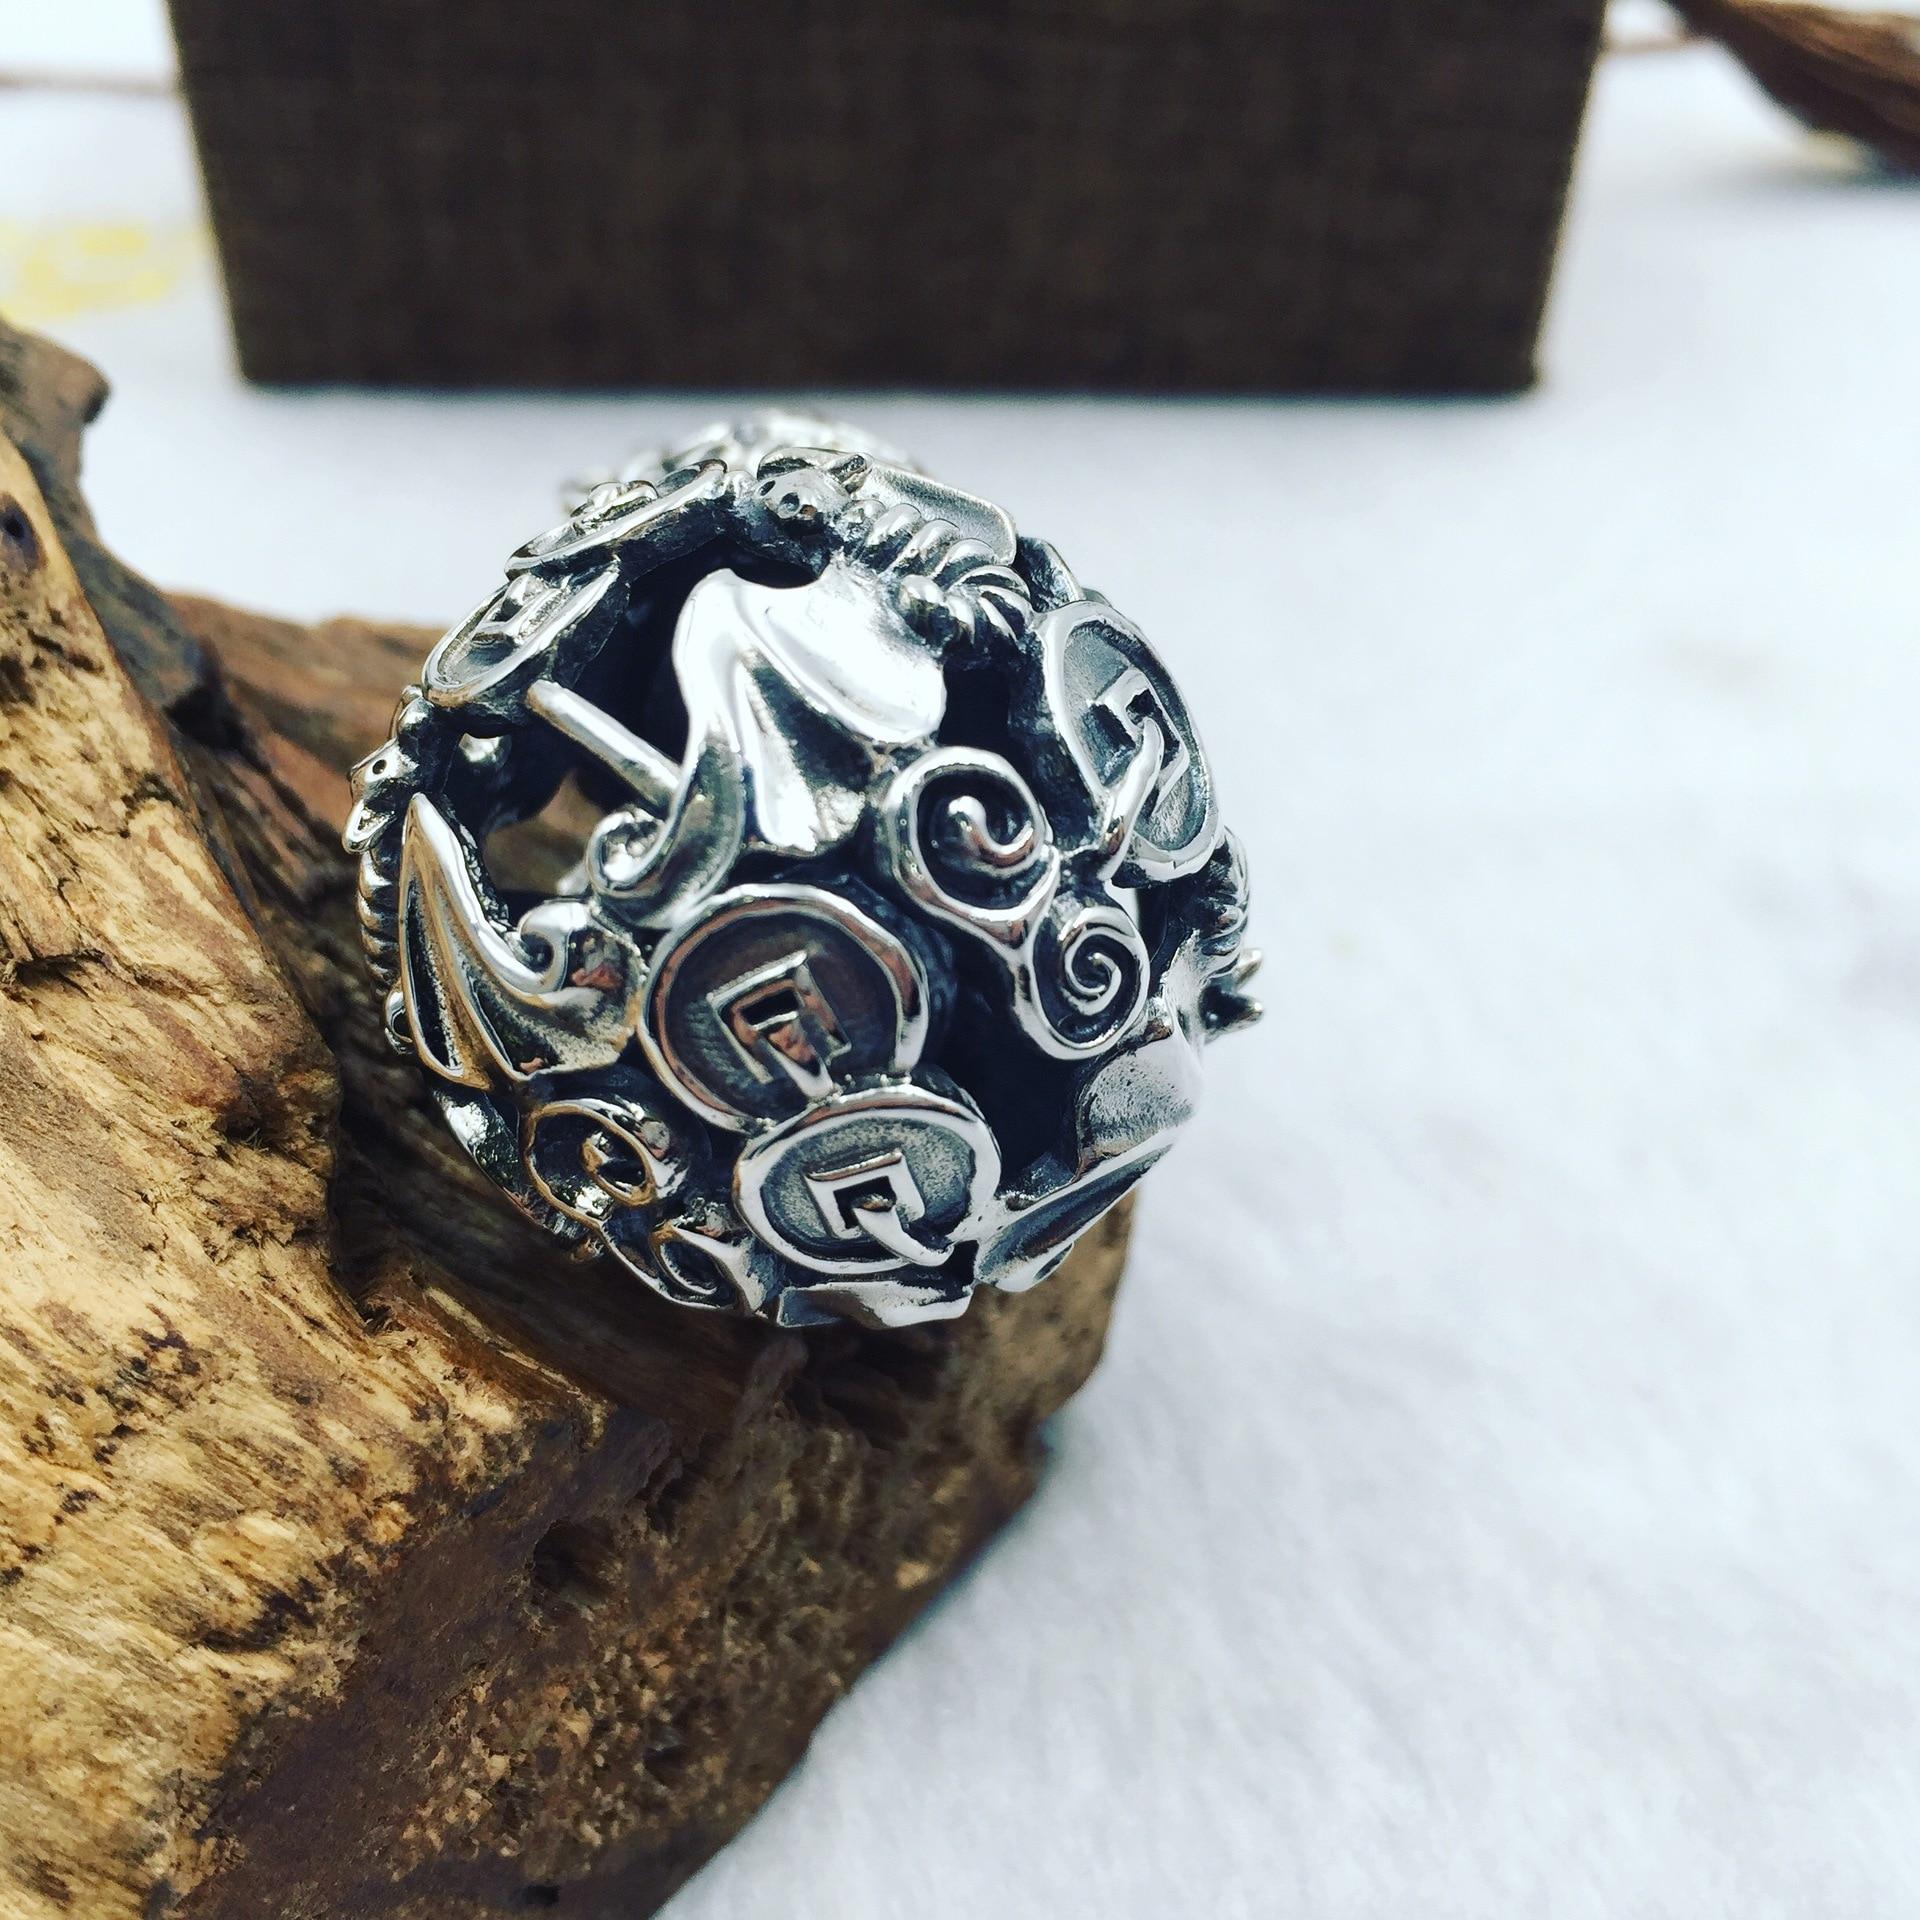 Древний тайский серебряный деньги натуральная S925 серебряный кулон подвесной колокольчик летучая мышь Тыква может вращаться напрямую с завода производителя - 5